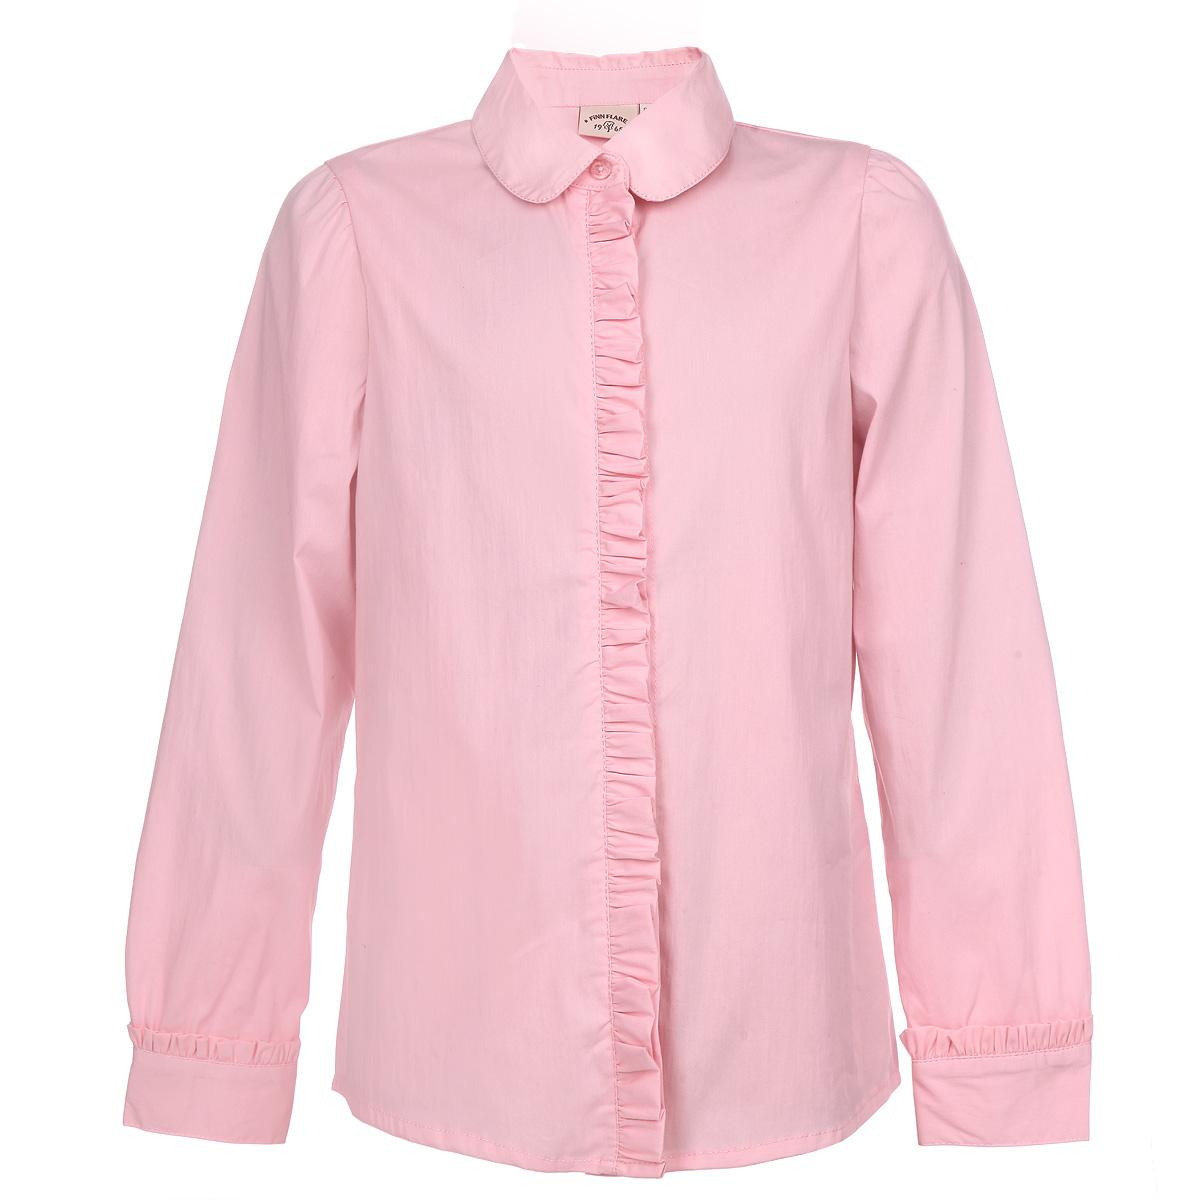 Блузка для девочки. KA15-71015JKA15-71015JЭлегантная блузка для девочки Finn Flare Kids идеально подойдет для школьной формы. Изготовленная из высококачественного материала, она мягкая, легкая и приятная на ощупь, не сковывает движения и позволяет коже дышать, не раздражает даже самую нежную и чувствительную кожу ребенка, обеспечивая наибольший комфорт. Блузка трапециевидного кроя с длинными рукавами-фонариками, полукруглым низом и отложным воротничком застегивается по всей длине на пластиковые пуговицы. Рукава дополнены широкими манжетами на пуговицах. Планка и манжеты украшены нежными рюшами. Такая блузка - незаменимая вещь для школьной формы, отлично сочетается с юбками, брюками и сарафанами. Эта модель всегда выглядит великолепно!